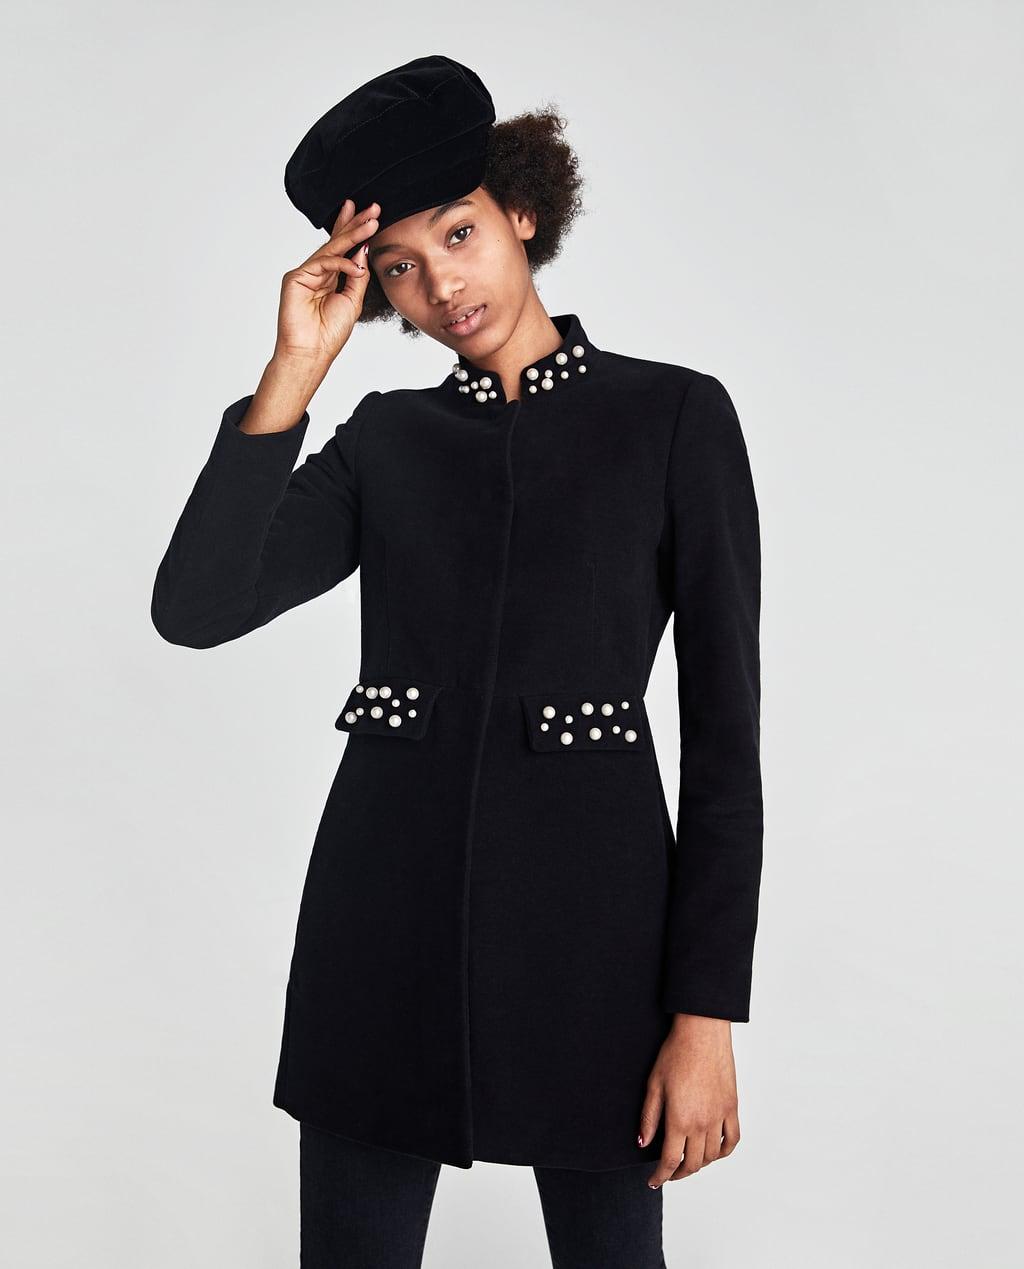 10 prendas del BLACK FRIDAY 2017 que amarás comprar - levita perlas zara